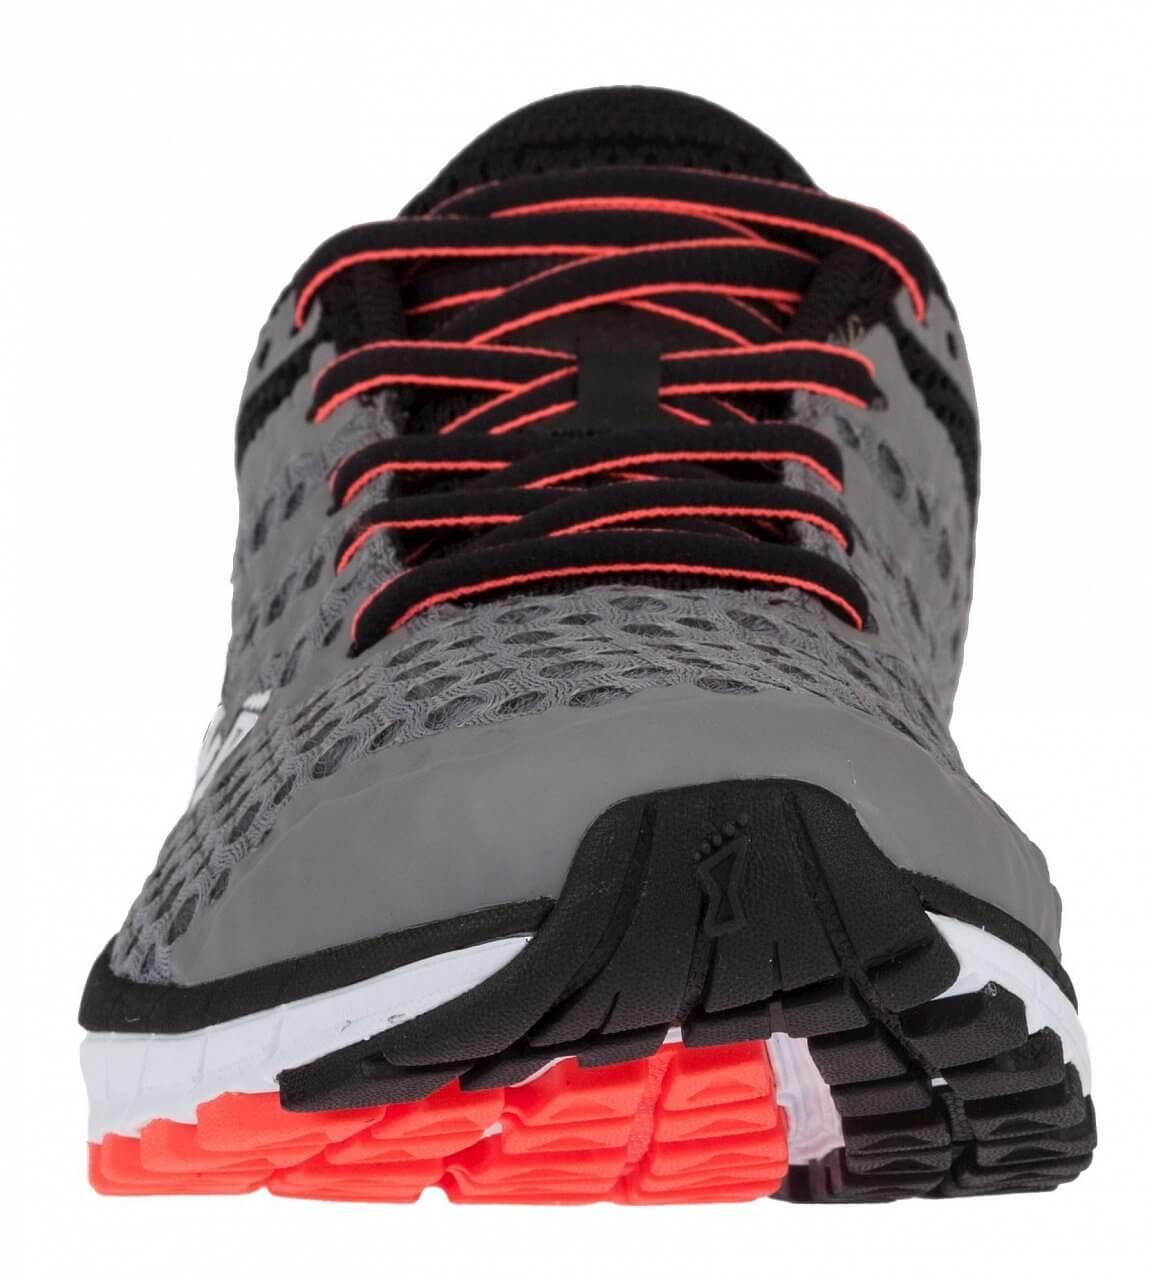 44c0ed31628 Inov-8 Roadclaw 275 V2 (S) - dámské běžecké boty